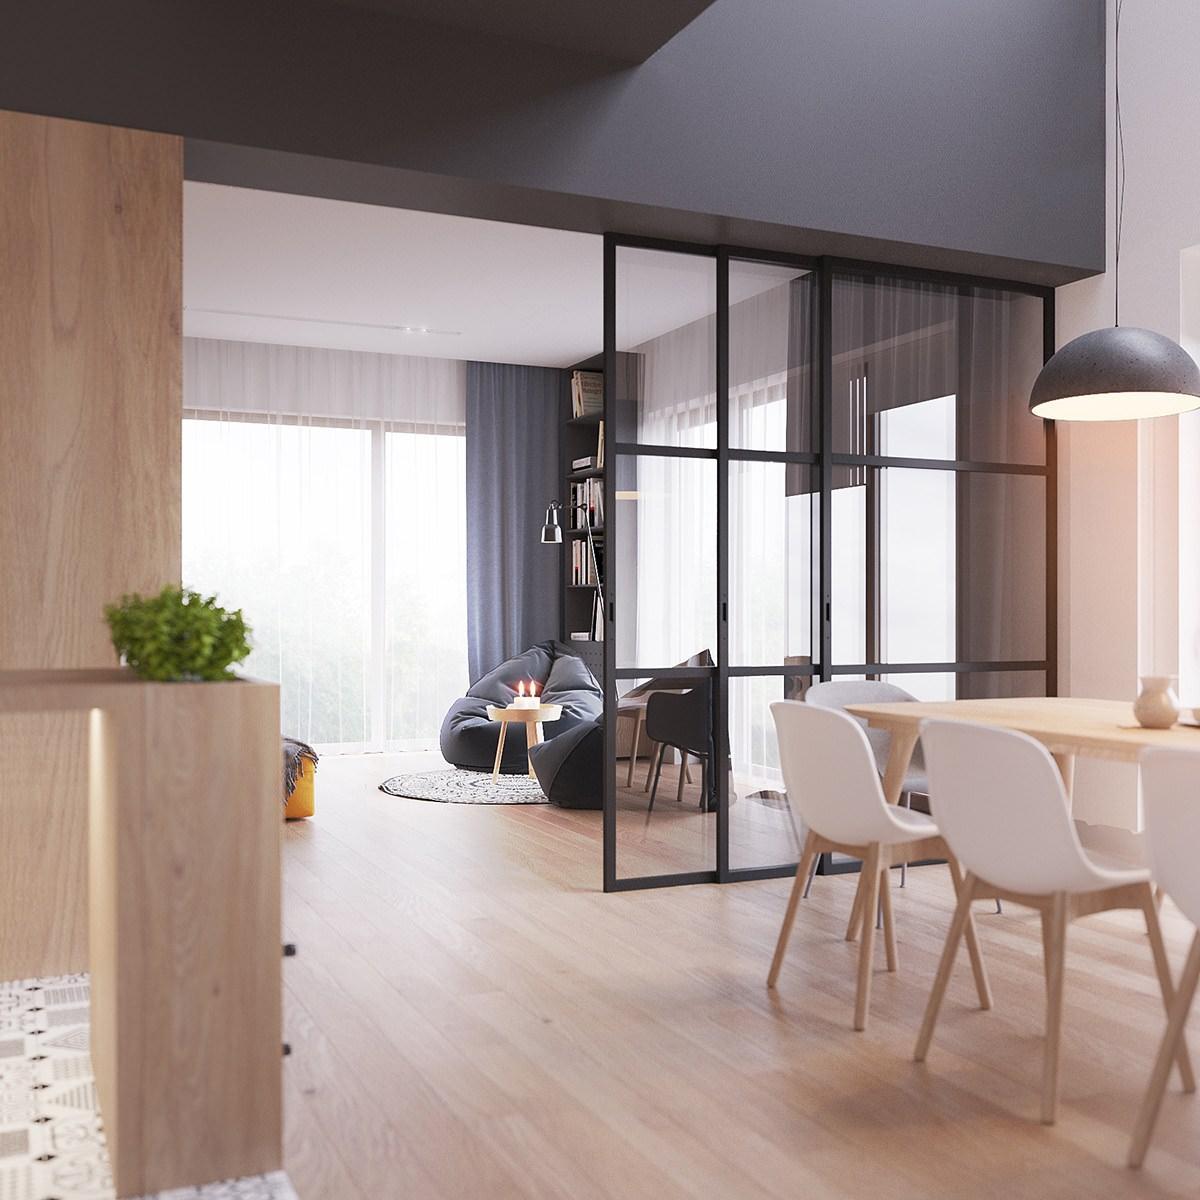 Come arredare casa con questo stile la semplicità nell' Originale Appartamento In Stile Scandinavo Moderno Ed Elegante Arredamento Casa Moderna Start Preventivi